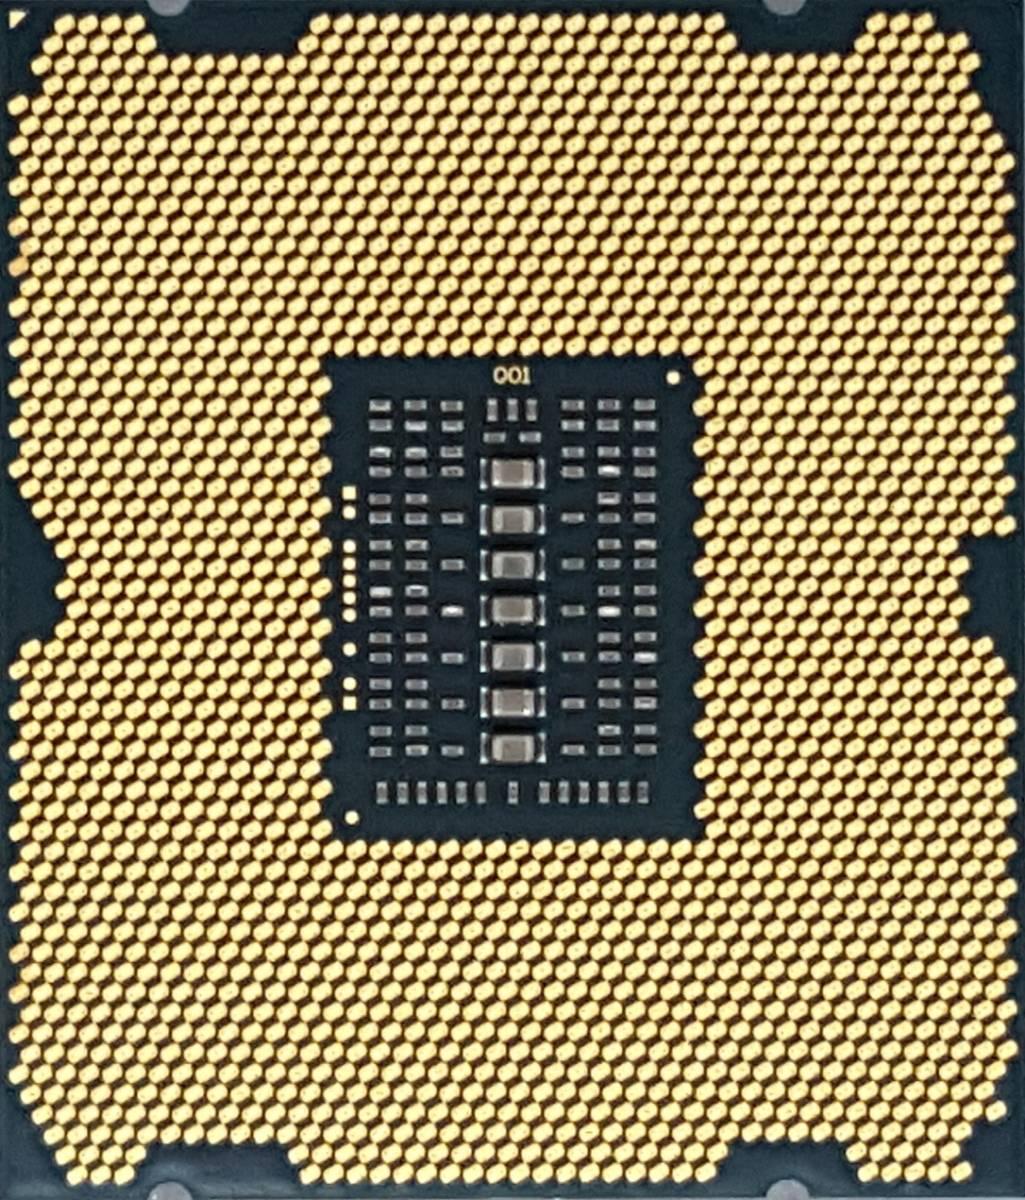 インテル Intel Xeon E5-2687WV2 3.4GHz 8-core CPU FCLGA2011_画像2